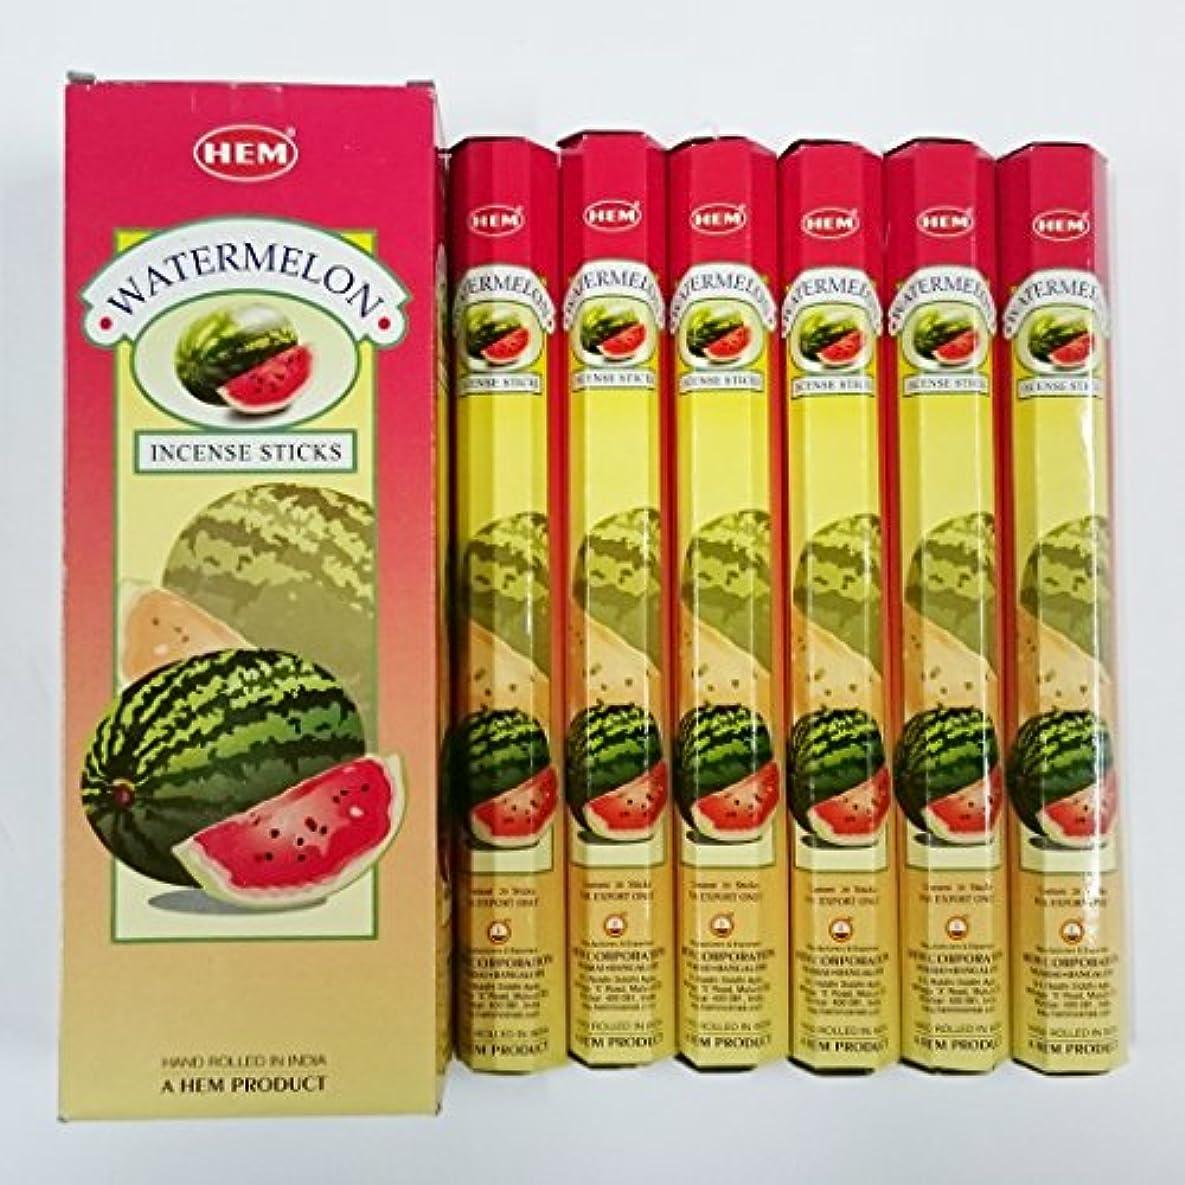 政策賛美歌罪人HEM (ヘム) インセンス スティック へキサパック ウォーターメロン(スイカ)香 6角(20本入)×6箱 [並行輸入品]Water melon